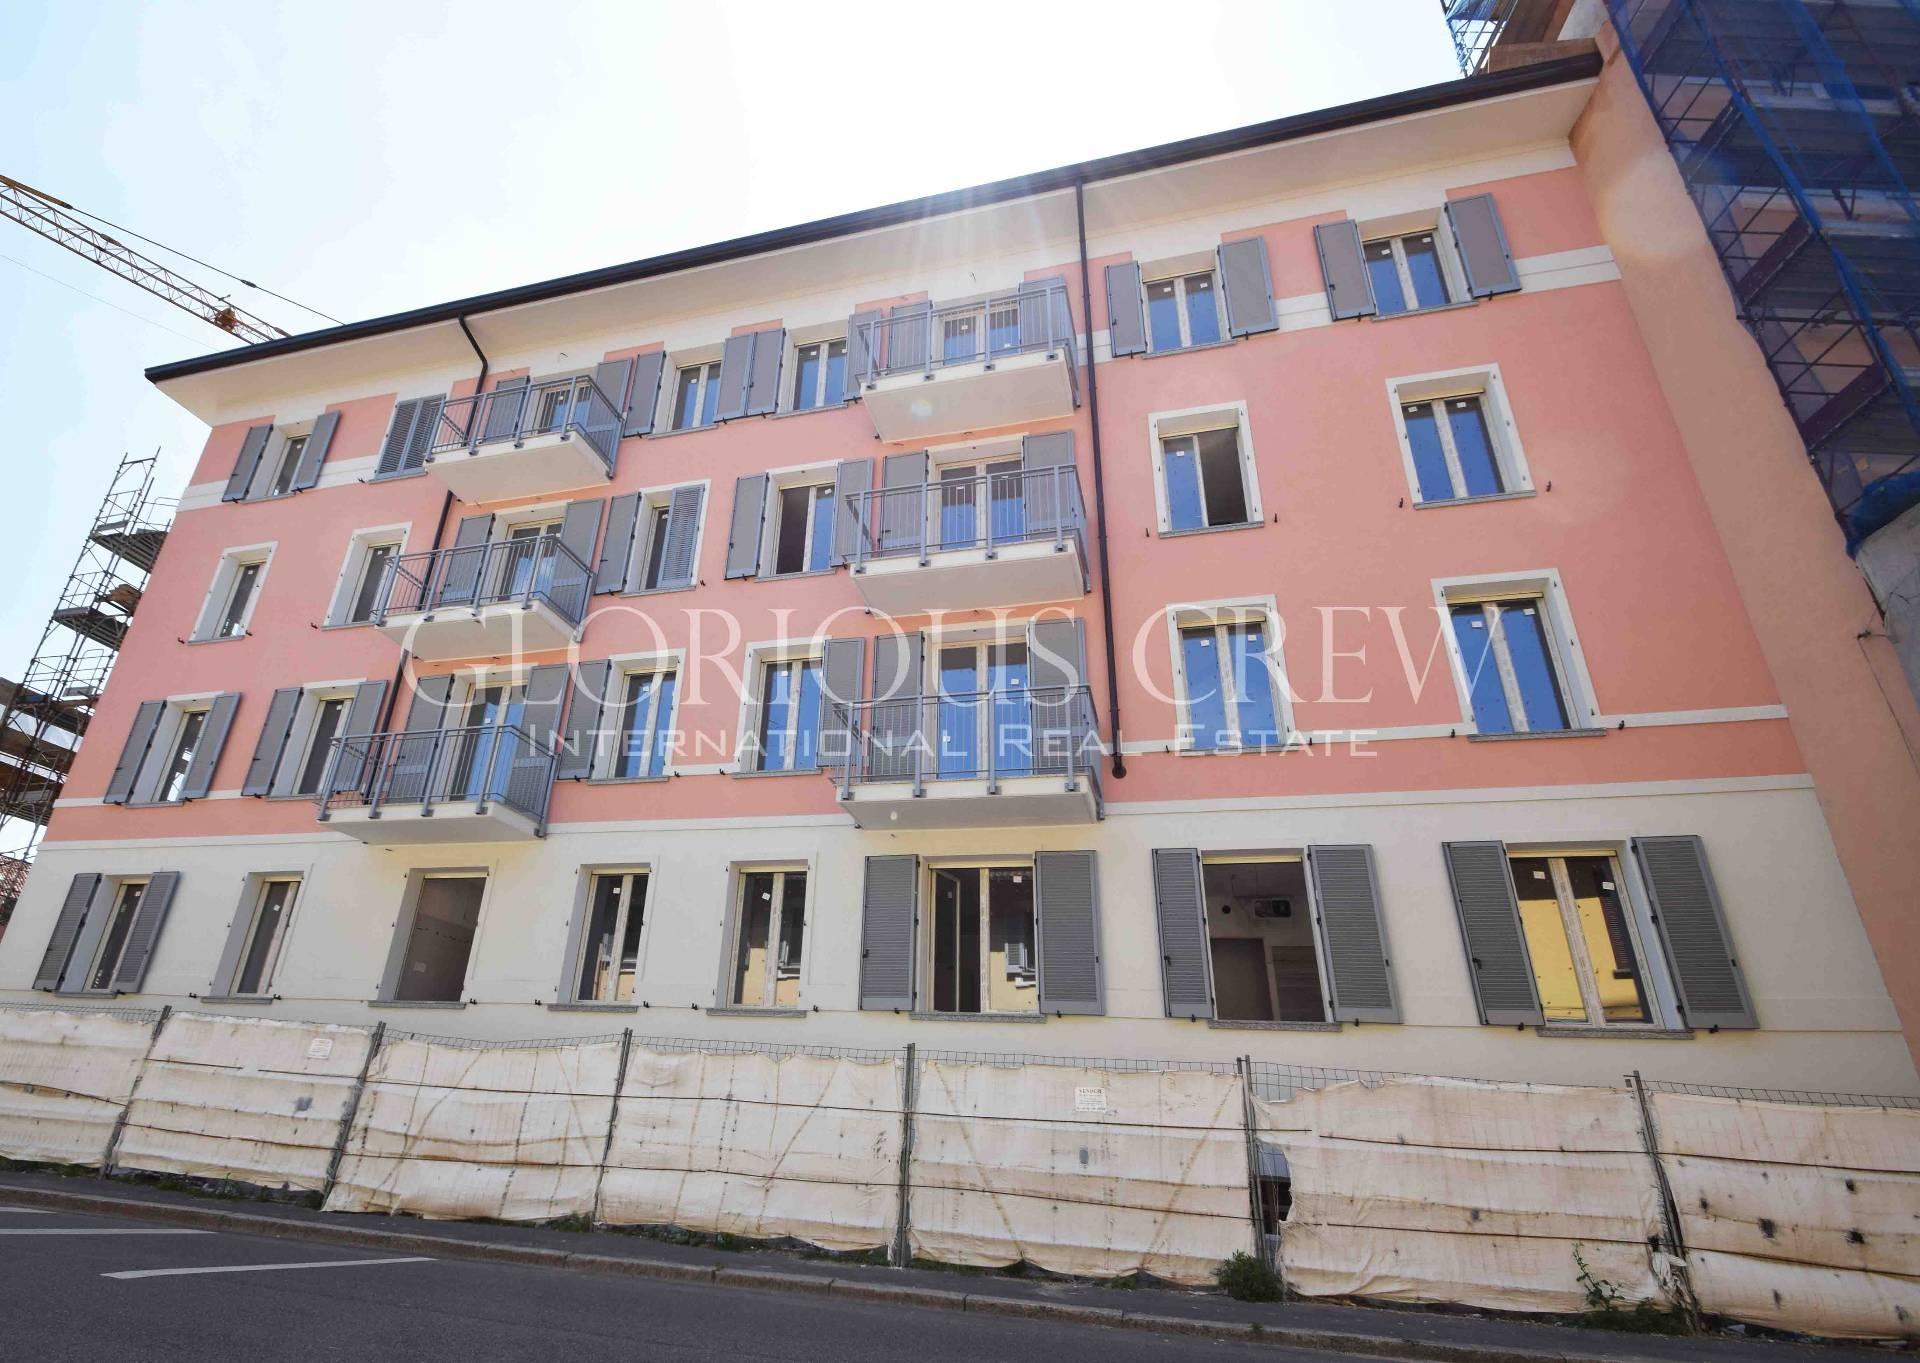 Appartamento in Vendita a San Donato Milanese: 2 locali, 65 mq